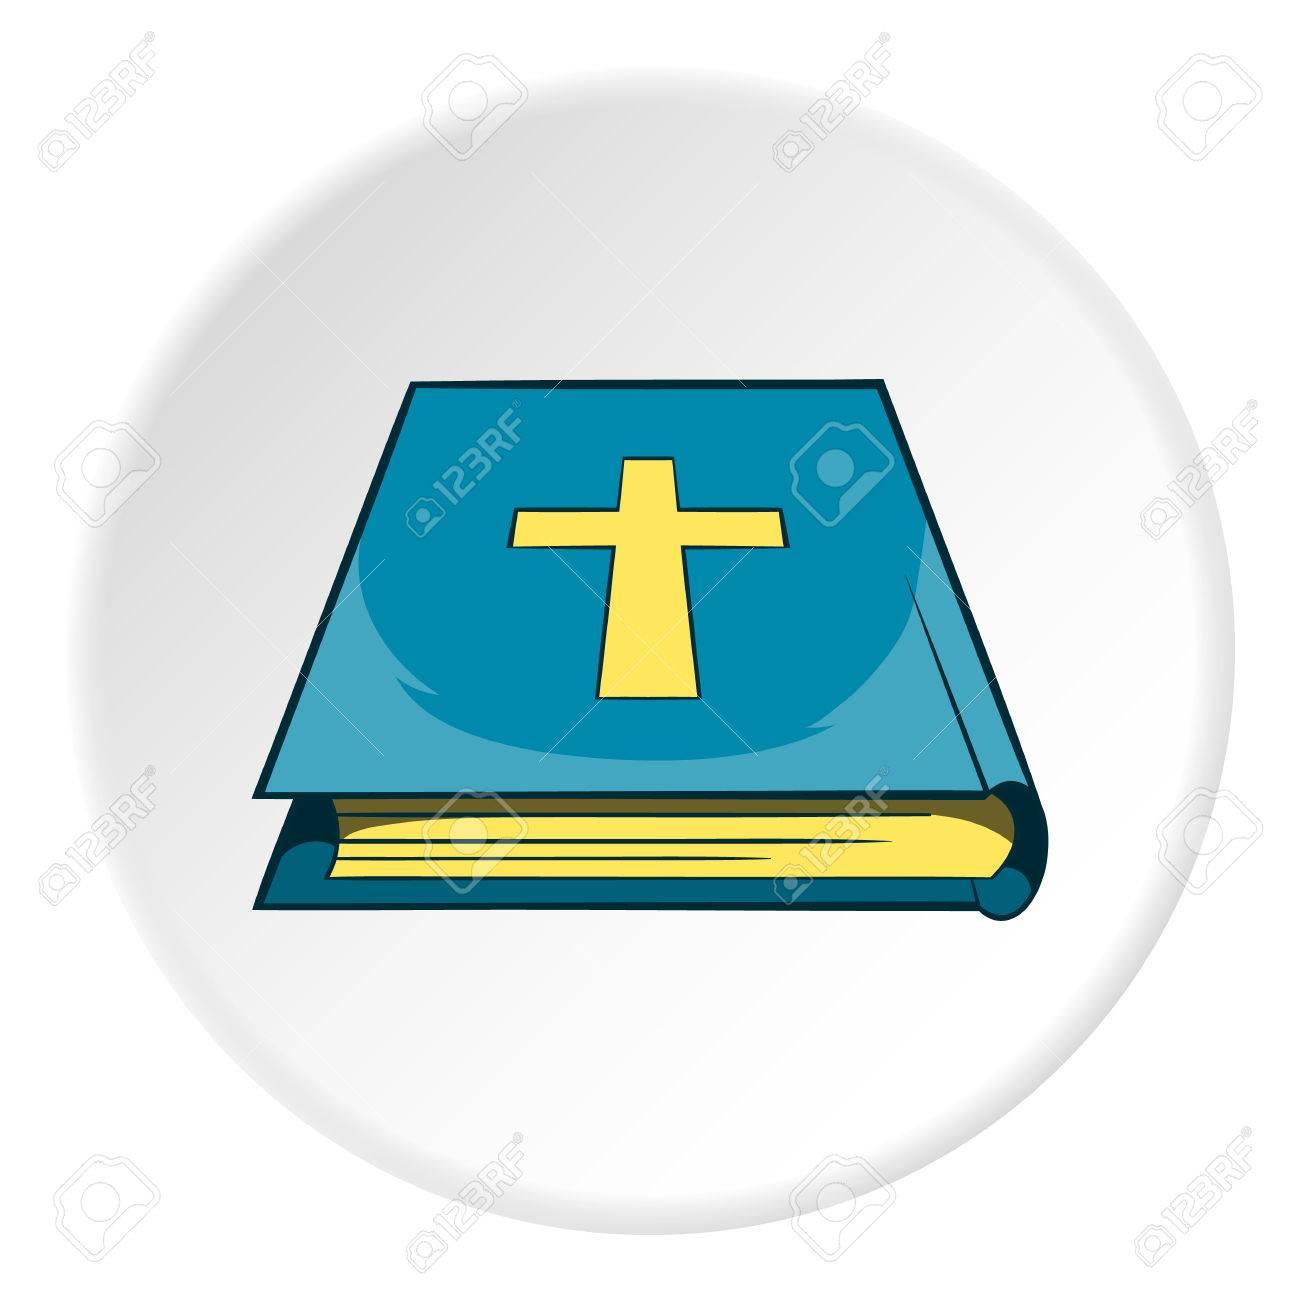 https://previews.123rf.com/images/ylivdesign/ylivdesign1610/ylivdesign161000440/63424835-libro-de-la-biblia-en-icono-de-estilo-de-dibujos-animados-aislado-en-el-fondo-blanco-del-c%C3%ADrculo-los-l